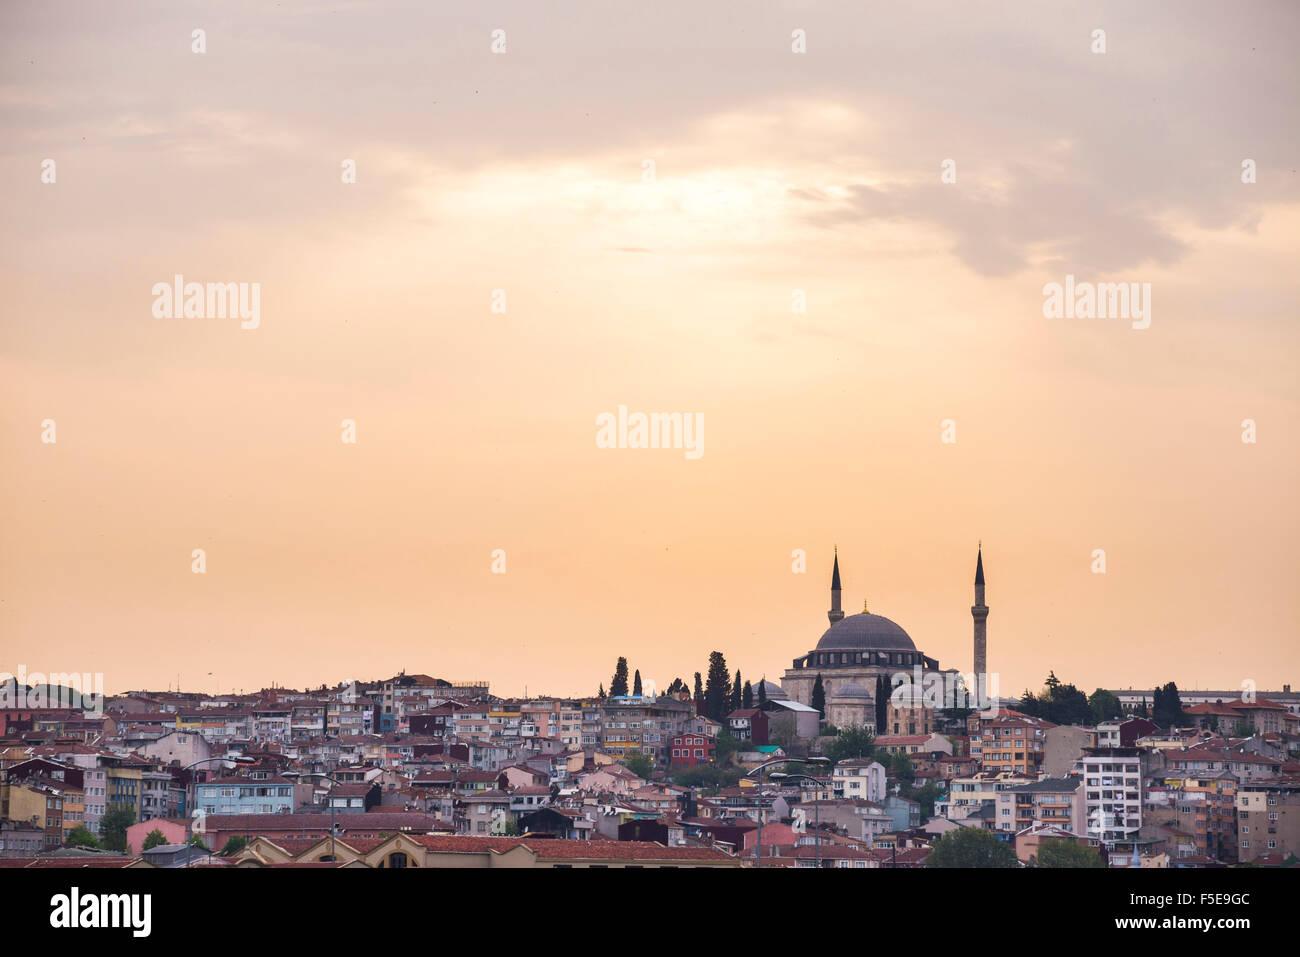 La moschea di collina al tramonto, Istanbul, Turchia, Europa Immagini Stock